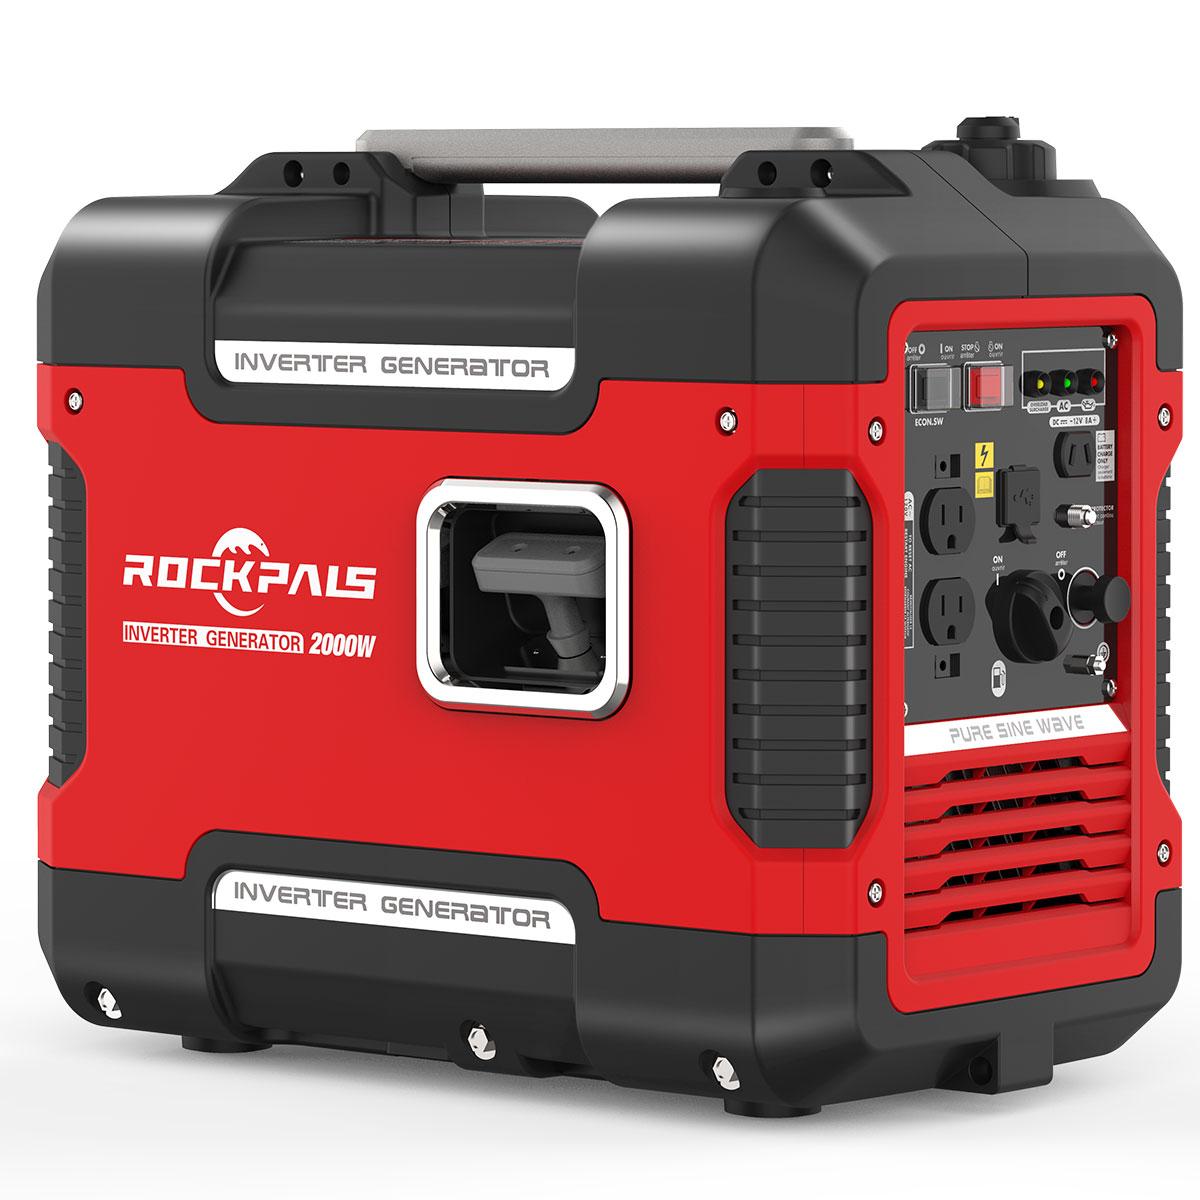 Rockpals 2000Watt Portable Generator Super Quiet Inverter Generator $339.99